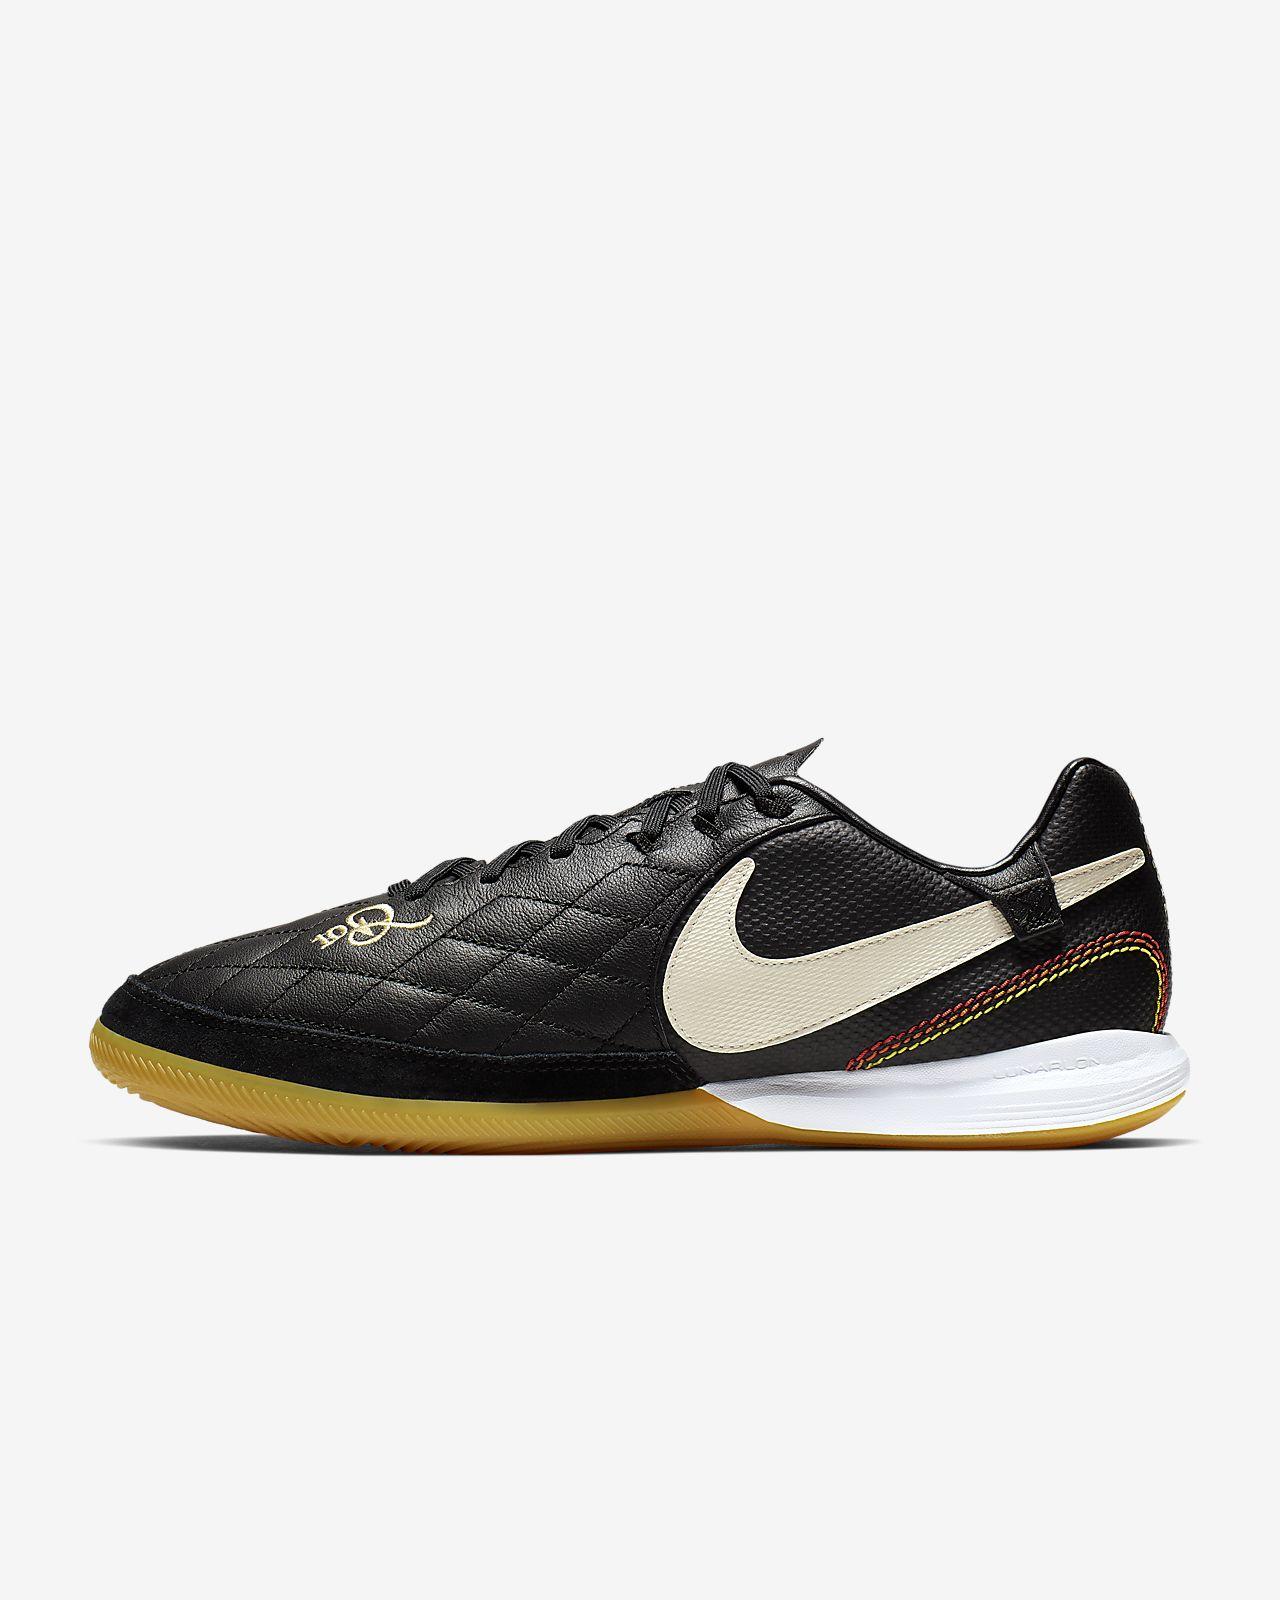 Nike TiempoX Lunar Legend VII Pro 10R Indoor/Court Football Shoe